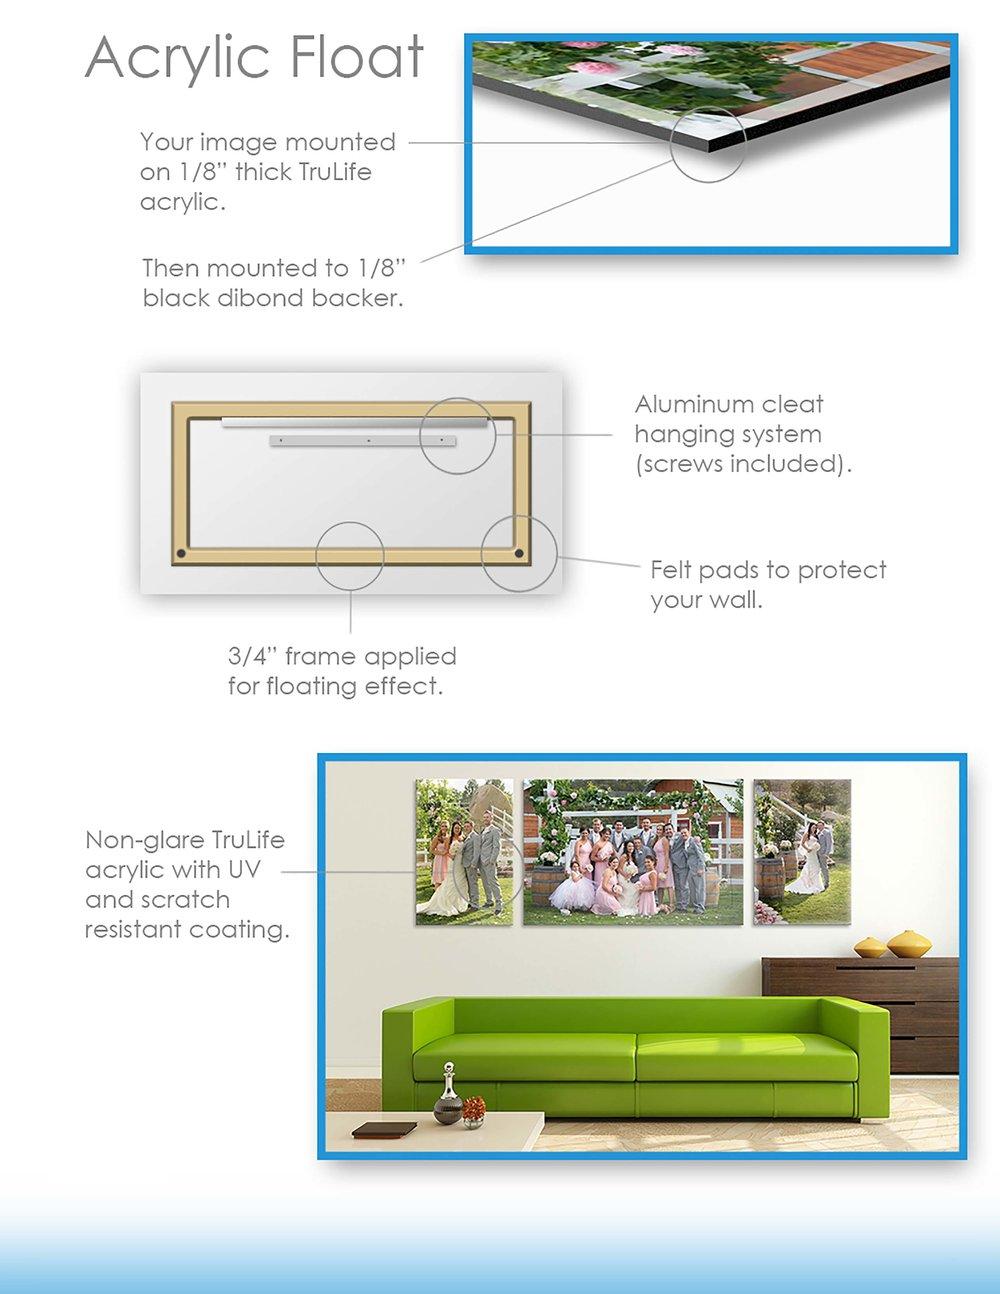 HDFW-Acrylic_Float-300ppi-8_5x11-WEB.jpg